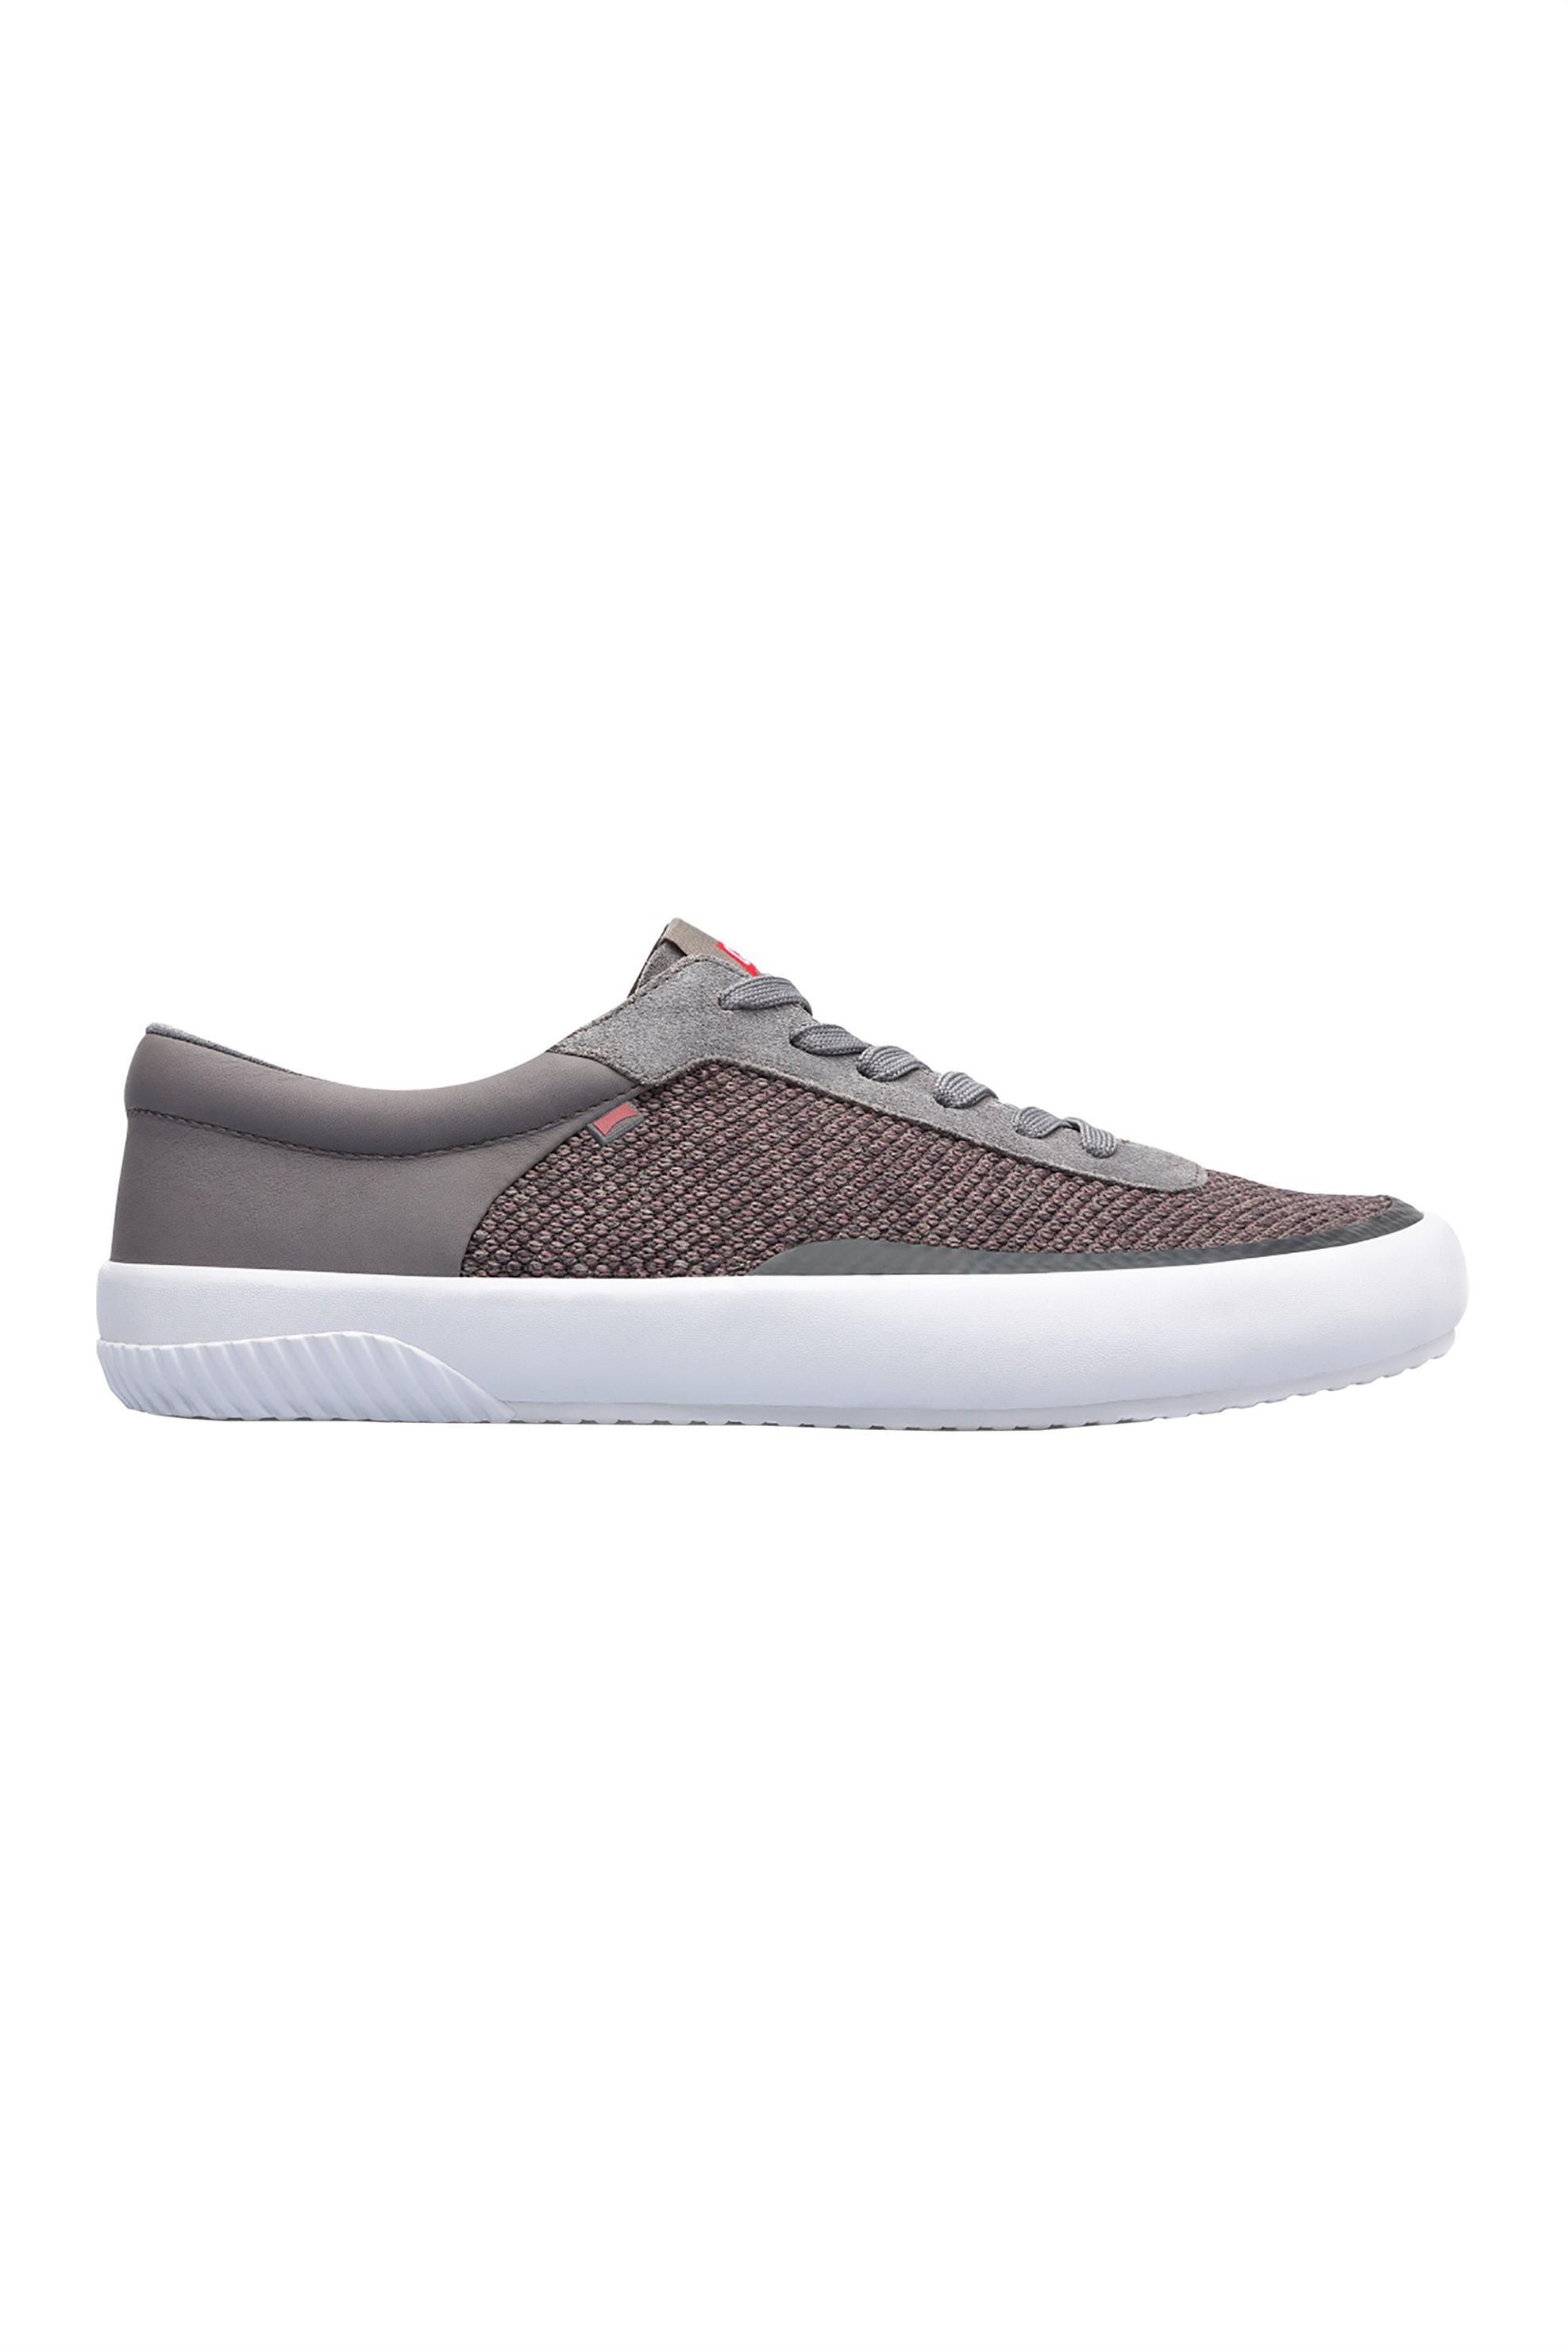 645a8481a40 Notos Camper ανδρικά υφασμάτινα παπούτσια Peu Rambla – K100413-005 – Γκρι